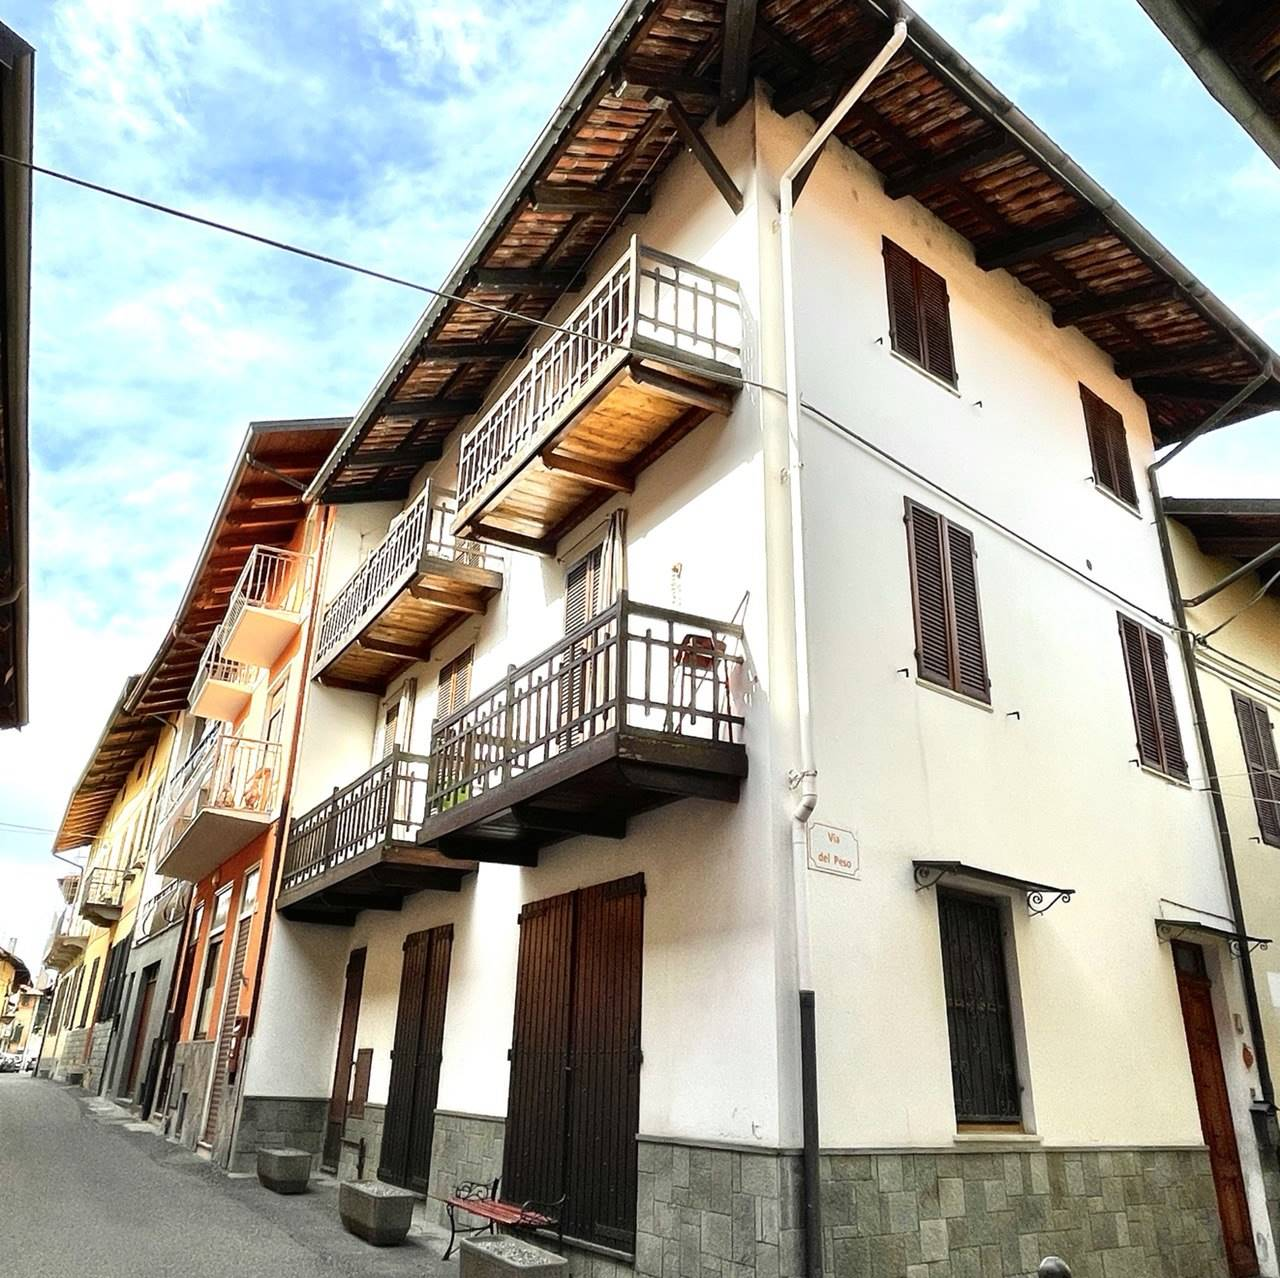 Soluzione Indipendente in vendita a Piverone, 4 locali, prezzo € 49.000 | PortaleAgenzieImmobiliari.it